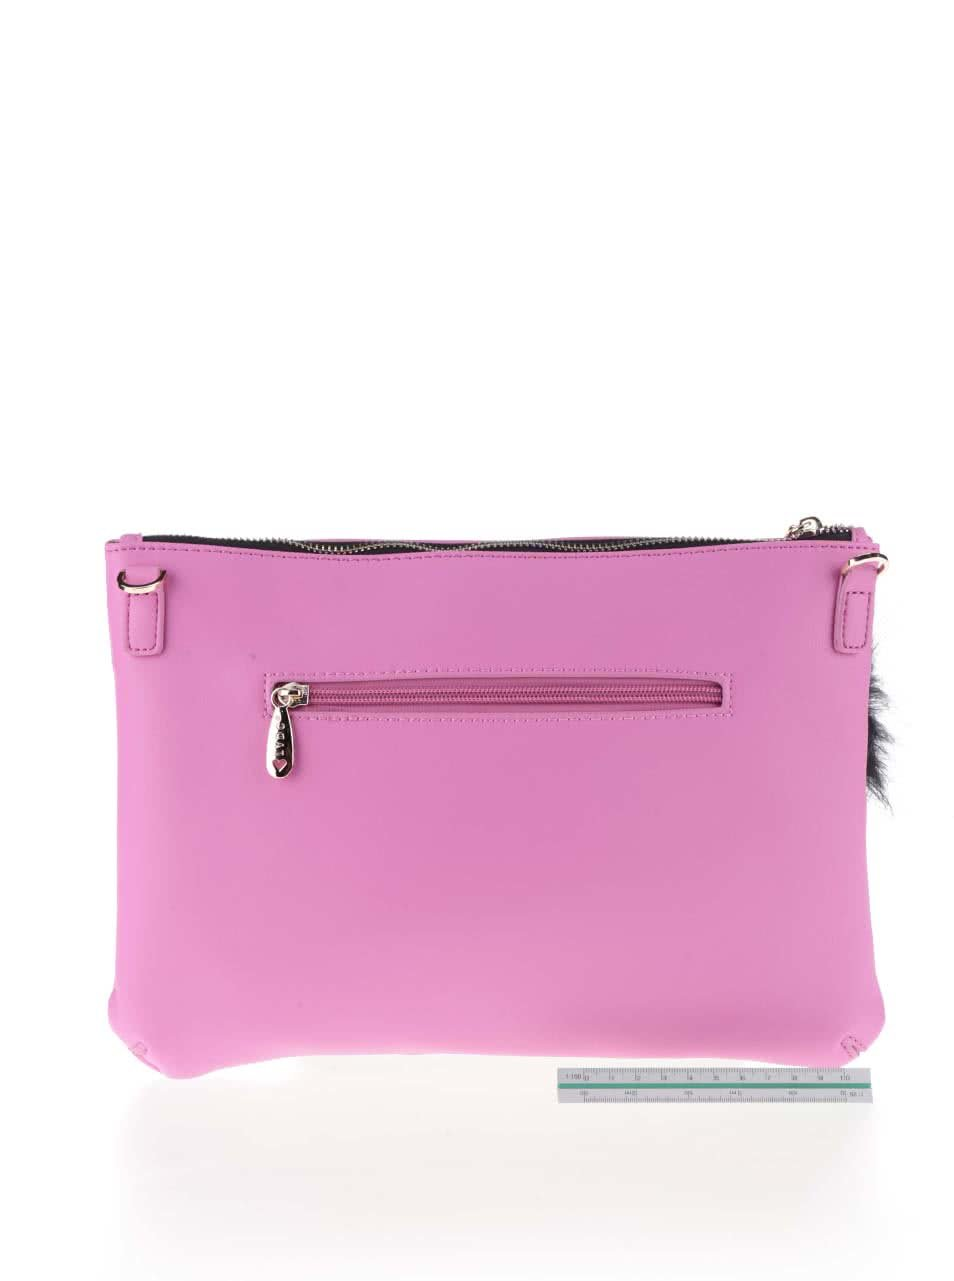 0dde2e3a17 Ružová listová kabelka s čiernym motívom psa a aplikáciou LYDC ...